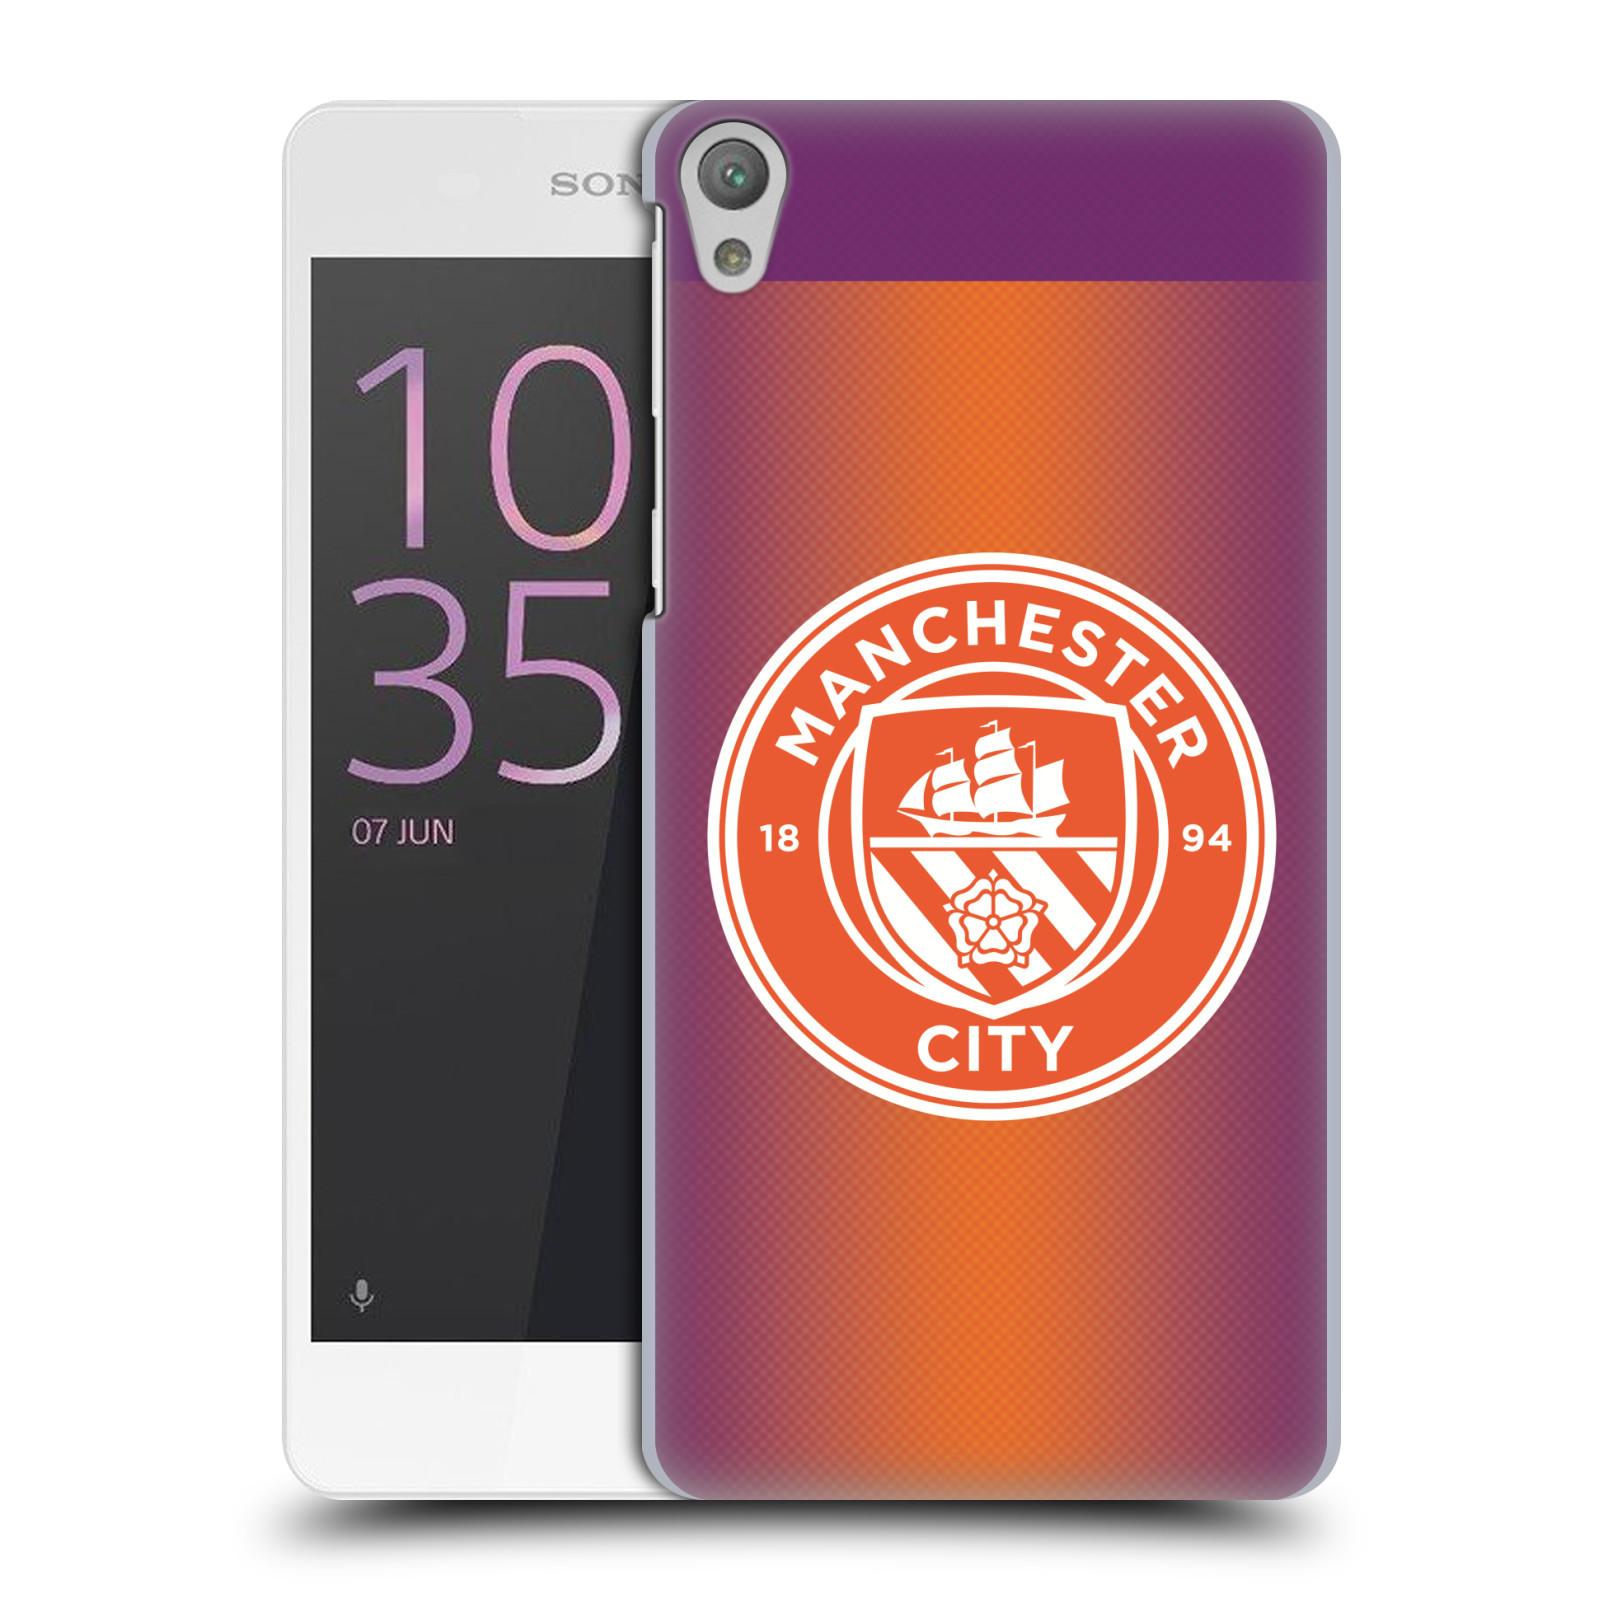 Plastové pouzdro na mobil Sony Xperia E5 HEAD CASE Manchester City FC - Oranžové nové logo